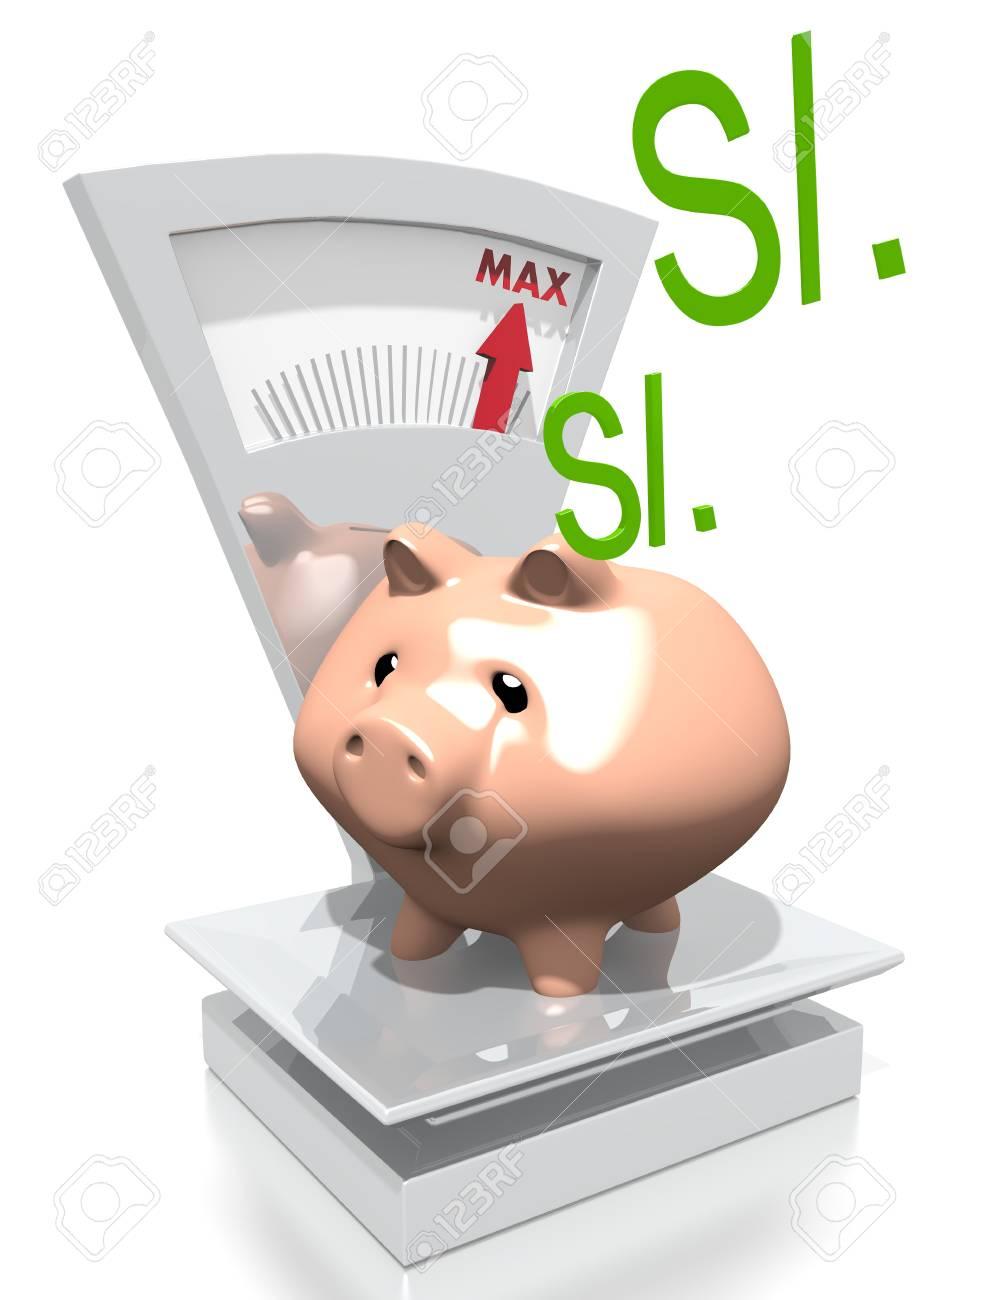 Darstellung eines geld peru nuevo sol schwein mit max gewicht auf darstellung eines geld peru nuevo sol schwein mit max gewicht auf einer skala isoliert auf weiem thecheapjerseys Images